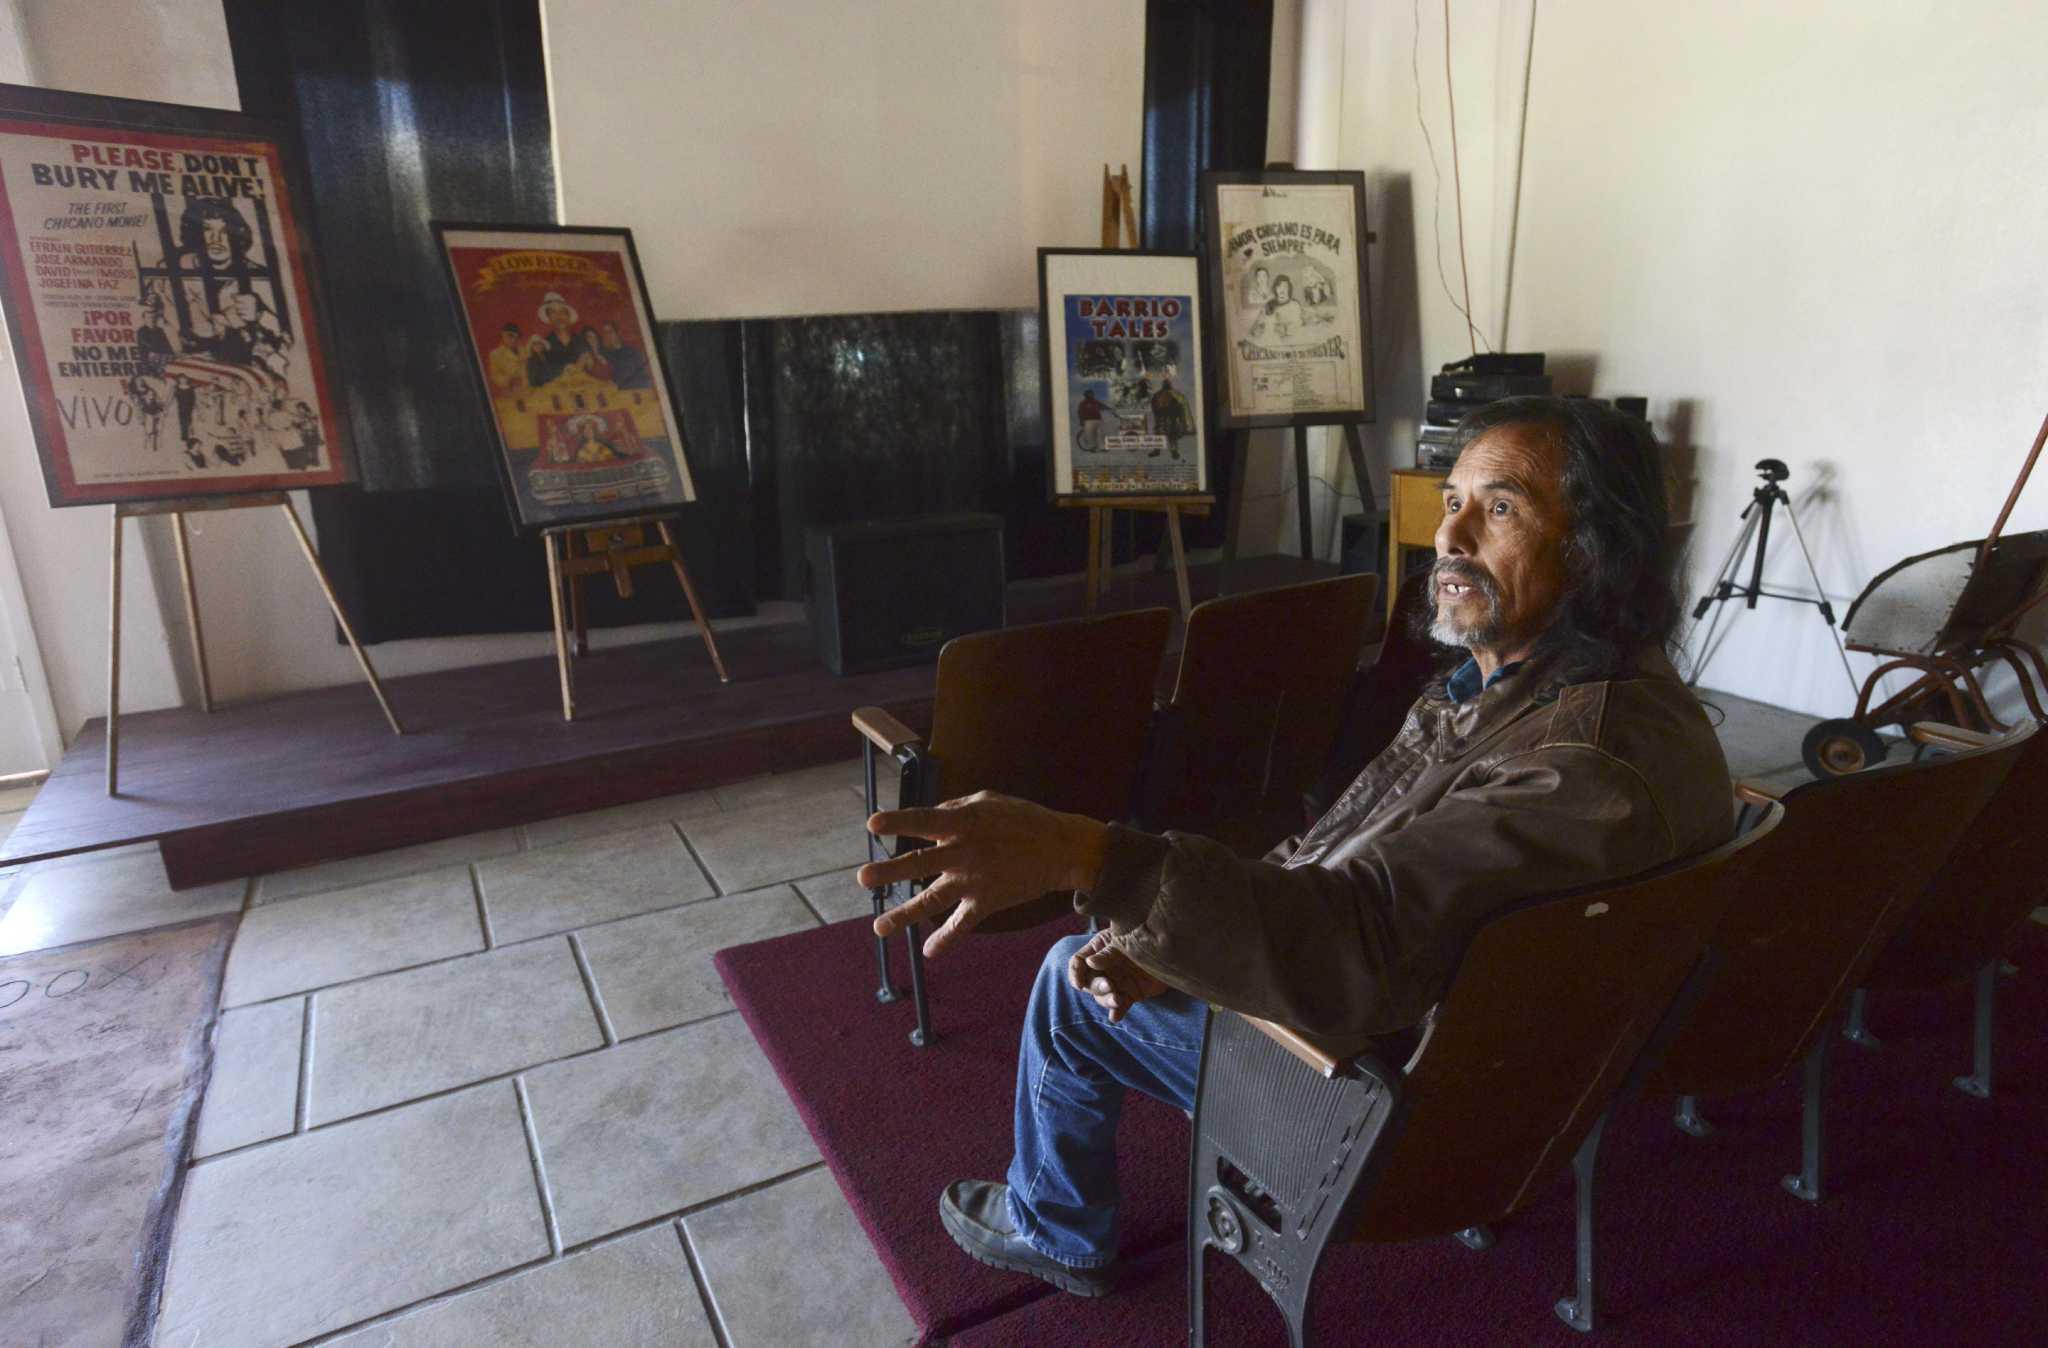 Filmmaker Efrain Gutierrez Wants New Center To Bolster